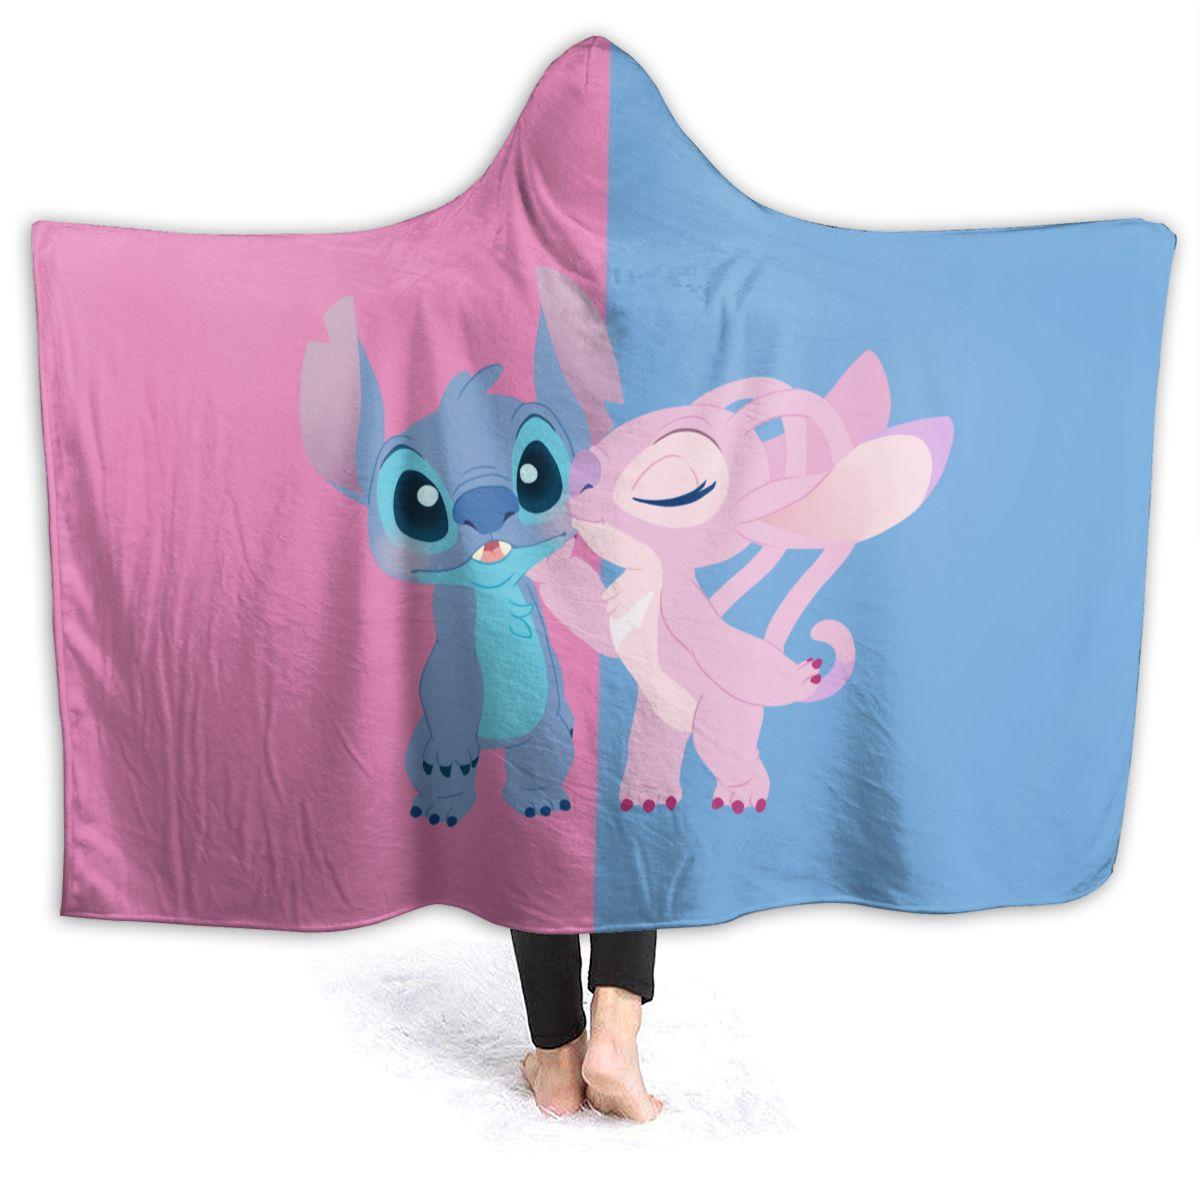 غرزة الفانيلا متعددة حجم مقنعين مكيف الهواء بطانية أربعة مواسم الدافئة بطانية أريكة/غرفة نوم